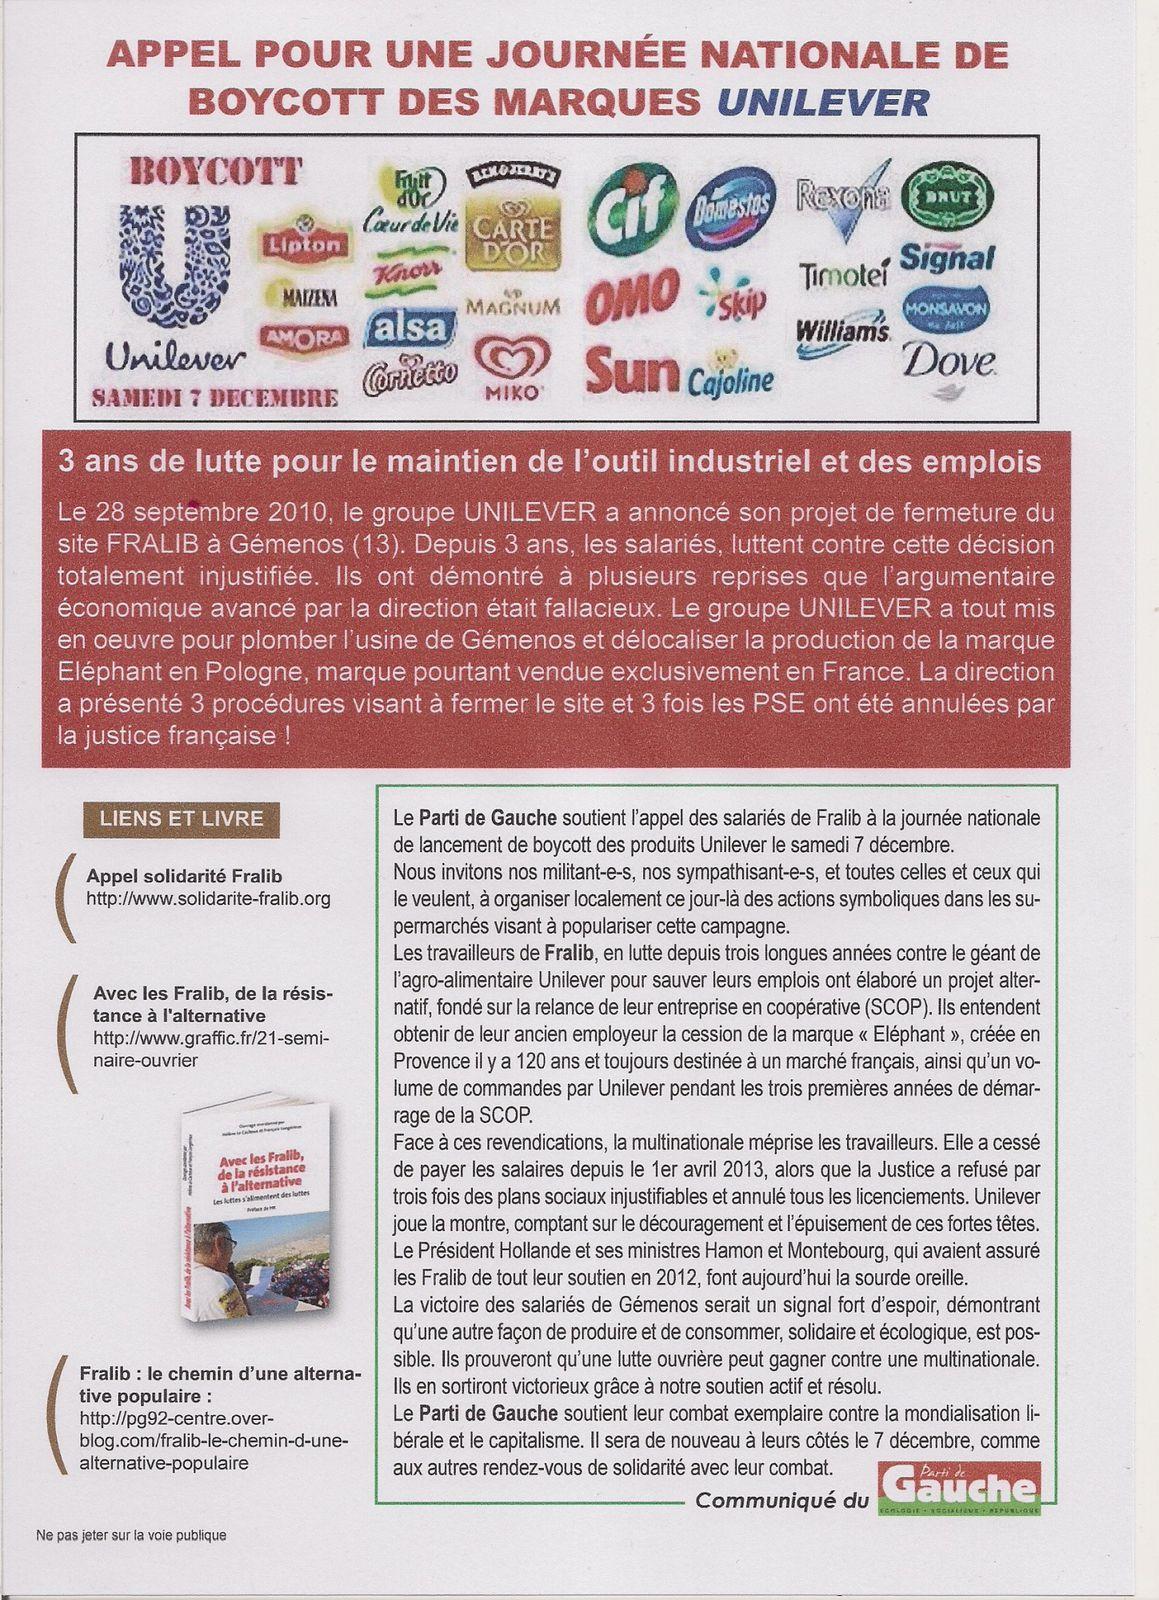 Chroniques fralibiennes (3) à Boulogne Billancourt. Lancement de la campagne de boycott d'Unilever le 7 décembre